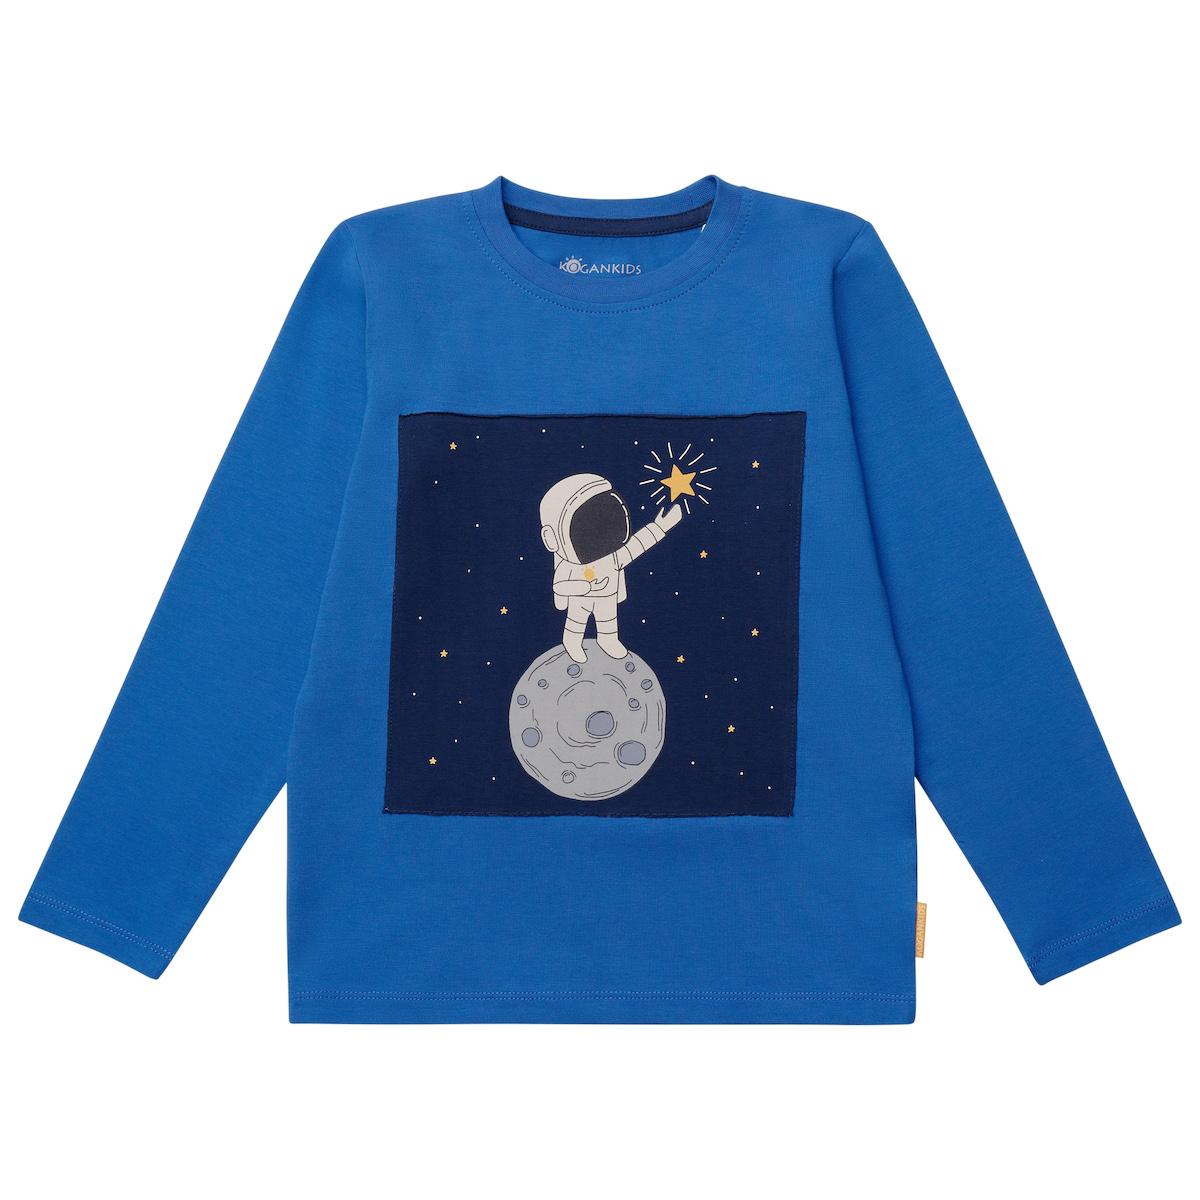 Синий джемпер для мальчика с космонавтом